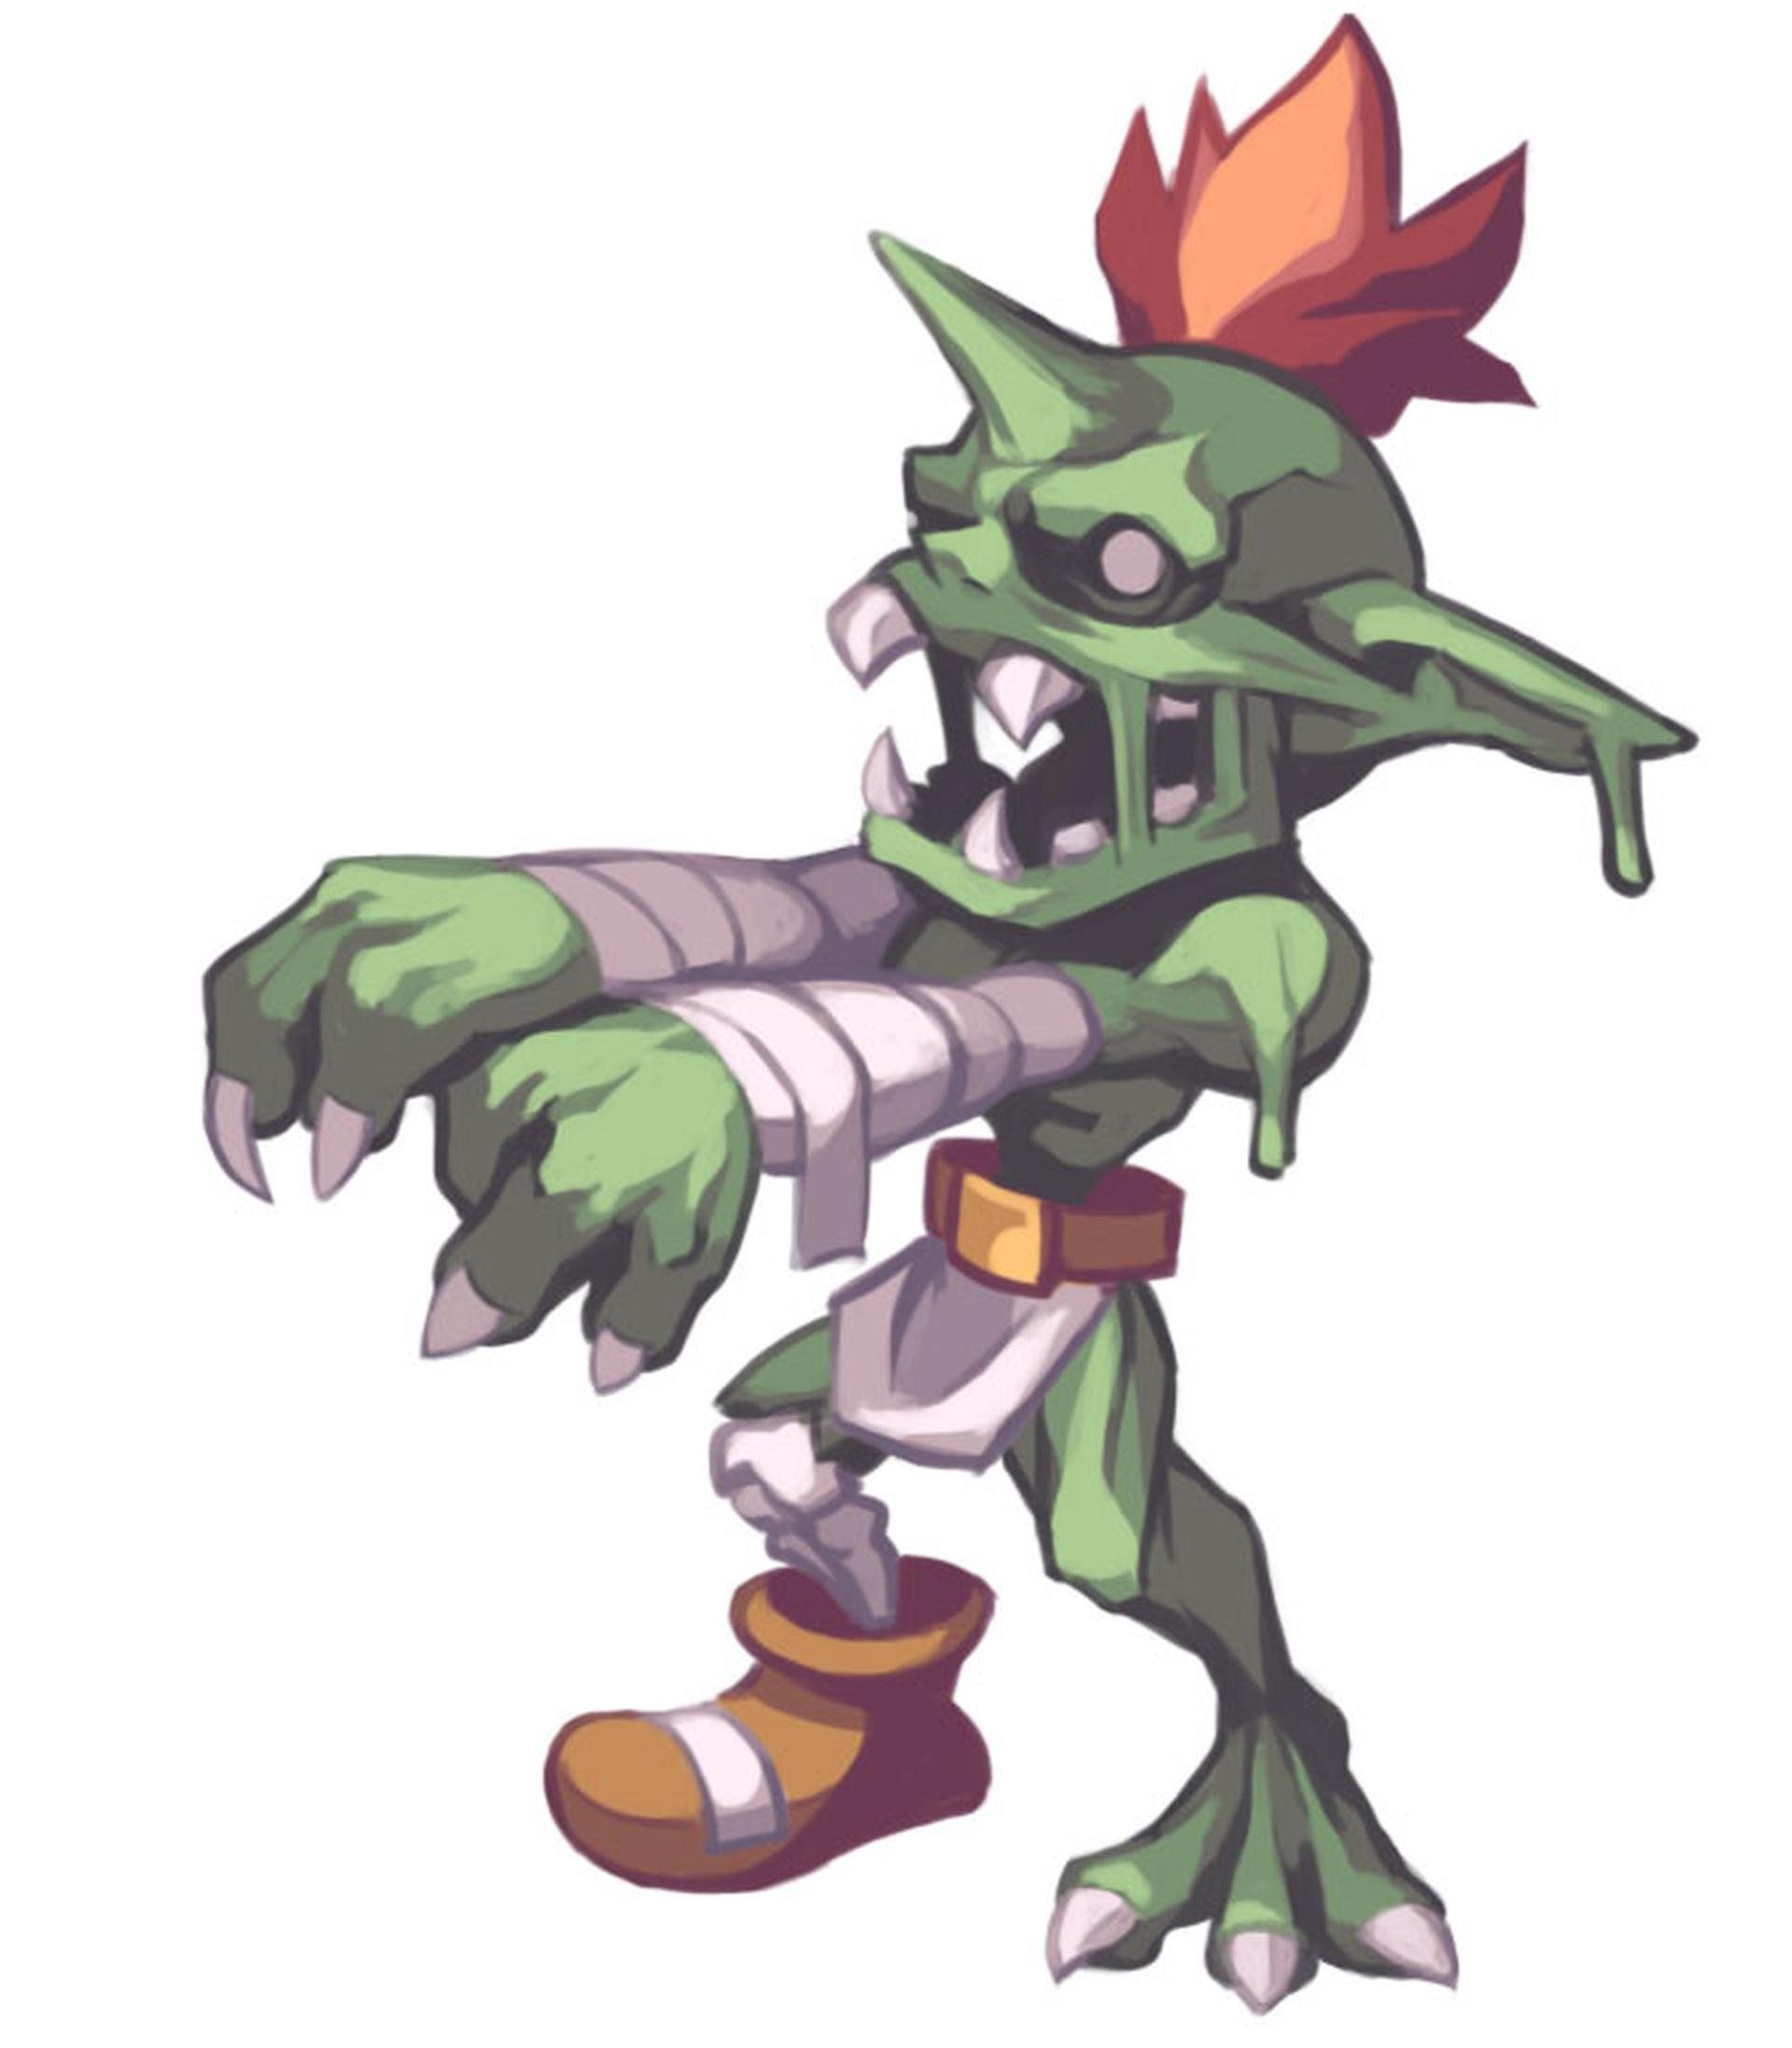 ヒョロヒョロの見た目とは裏腹に、耐久力と攻撃力もなかなかのもの。腕の包帯を砲身に見立ててエネルギー波を出したり、口から体液を出したり、攻撃パターンは数多く持つ